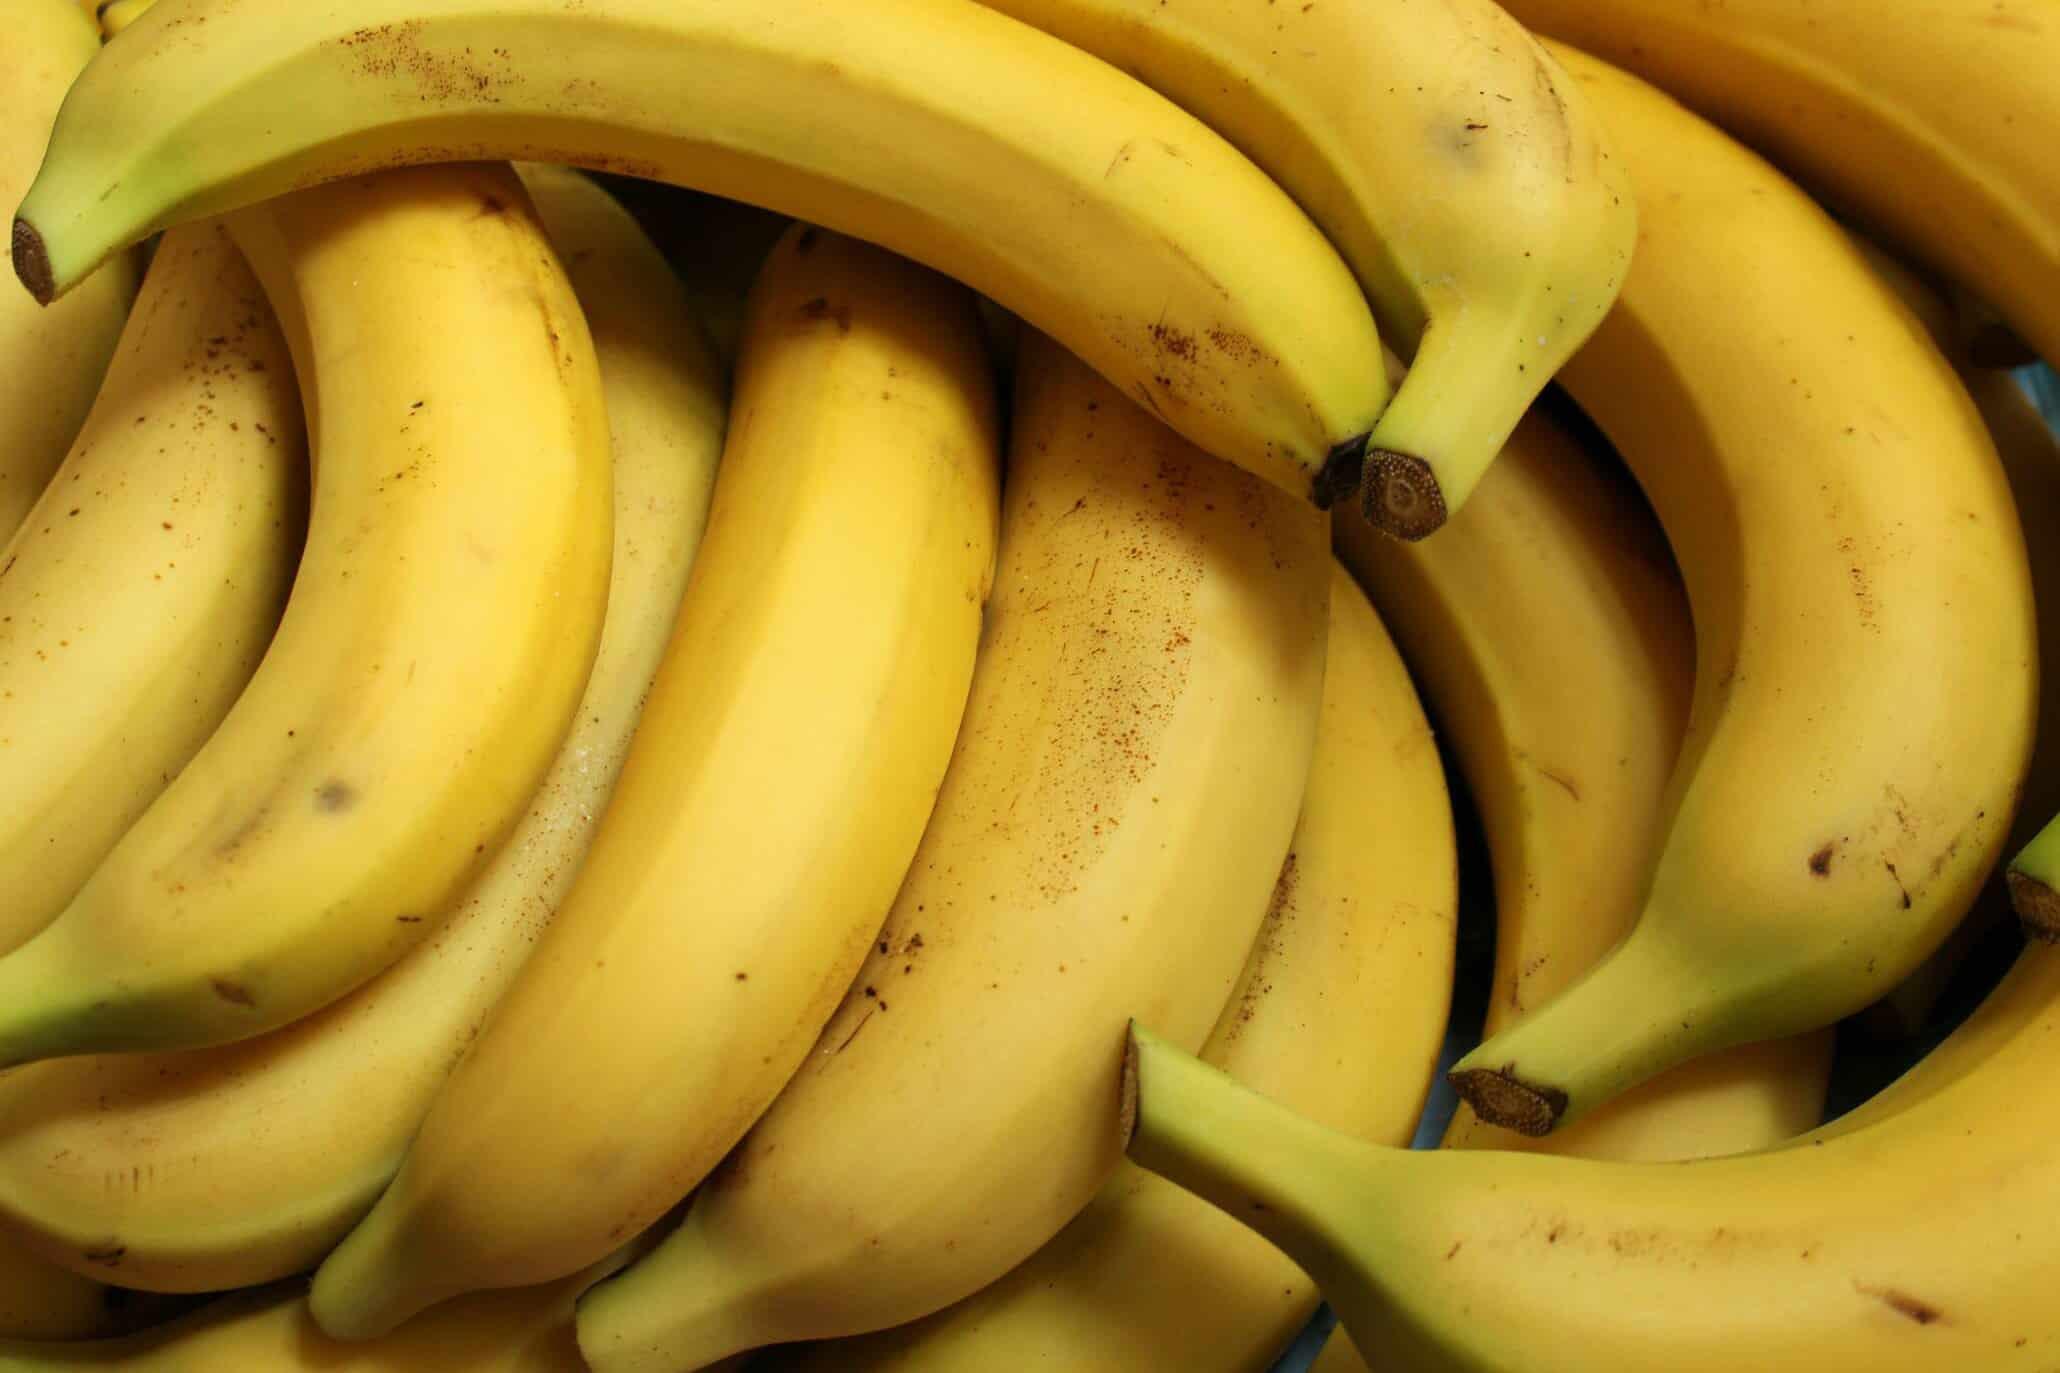 Eine reife Banane